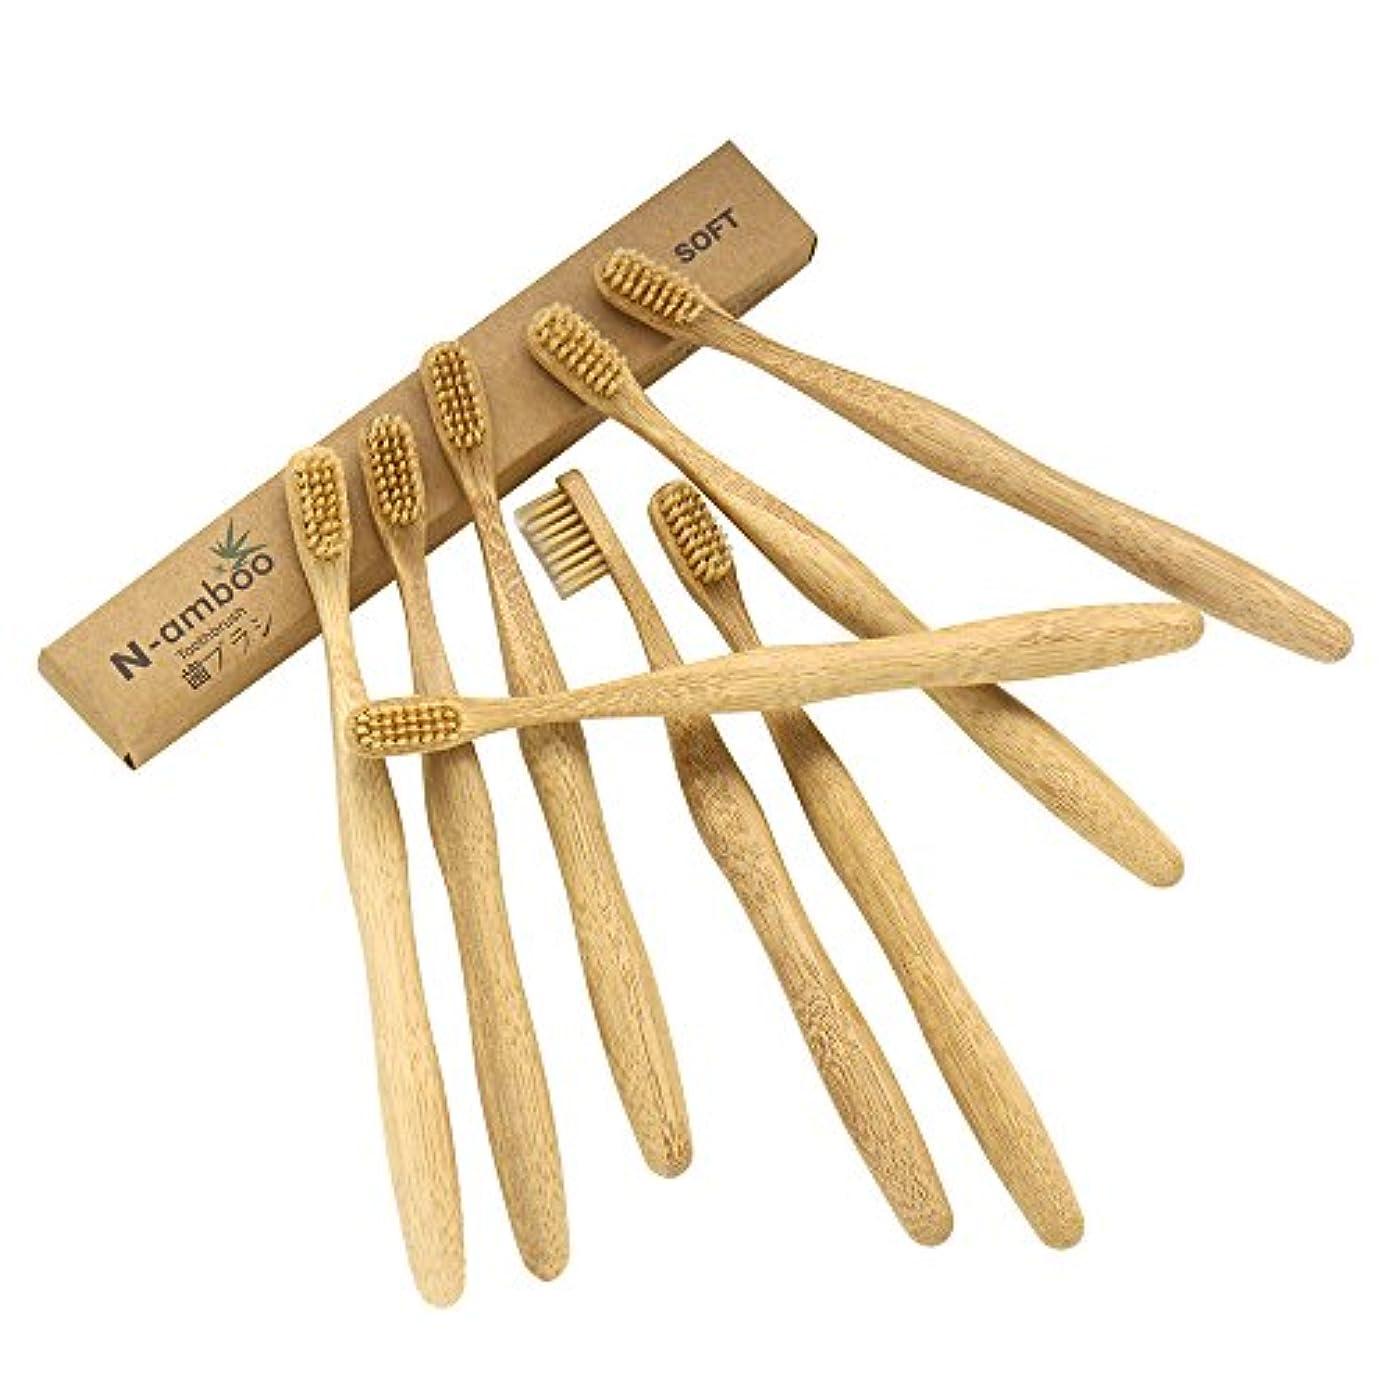 発掘する親愛な祈りN-amboo 竹製耐久度高い 歯ブラシ ベージュ 8本入り セット